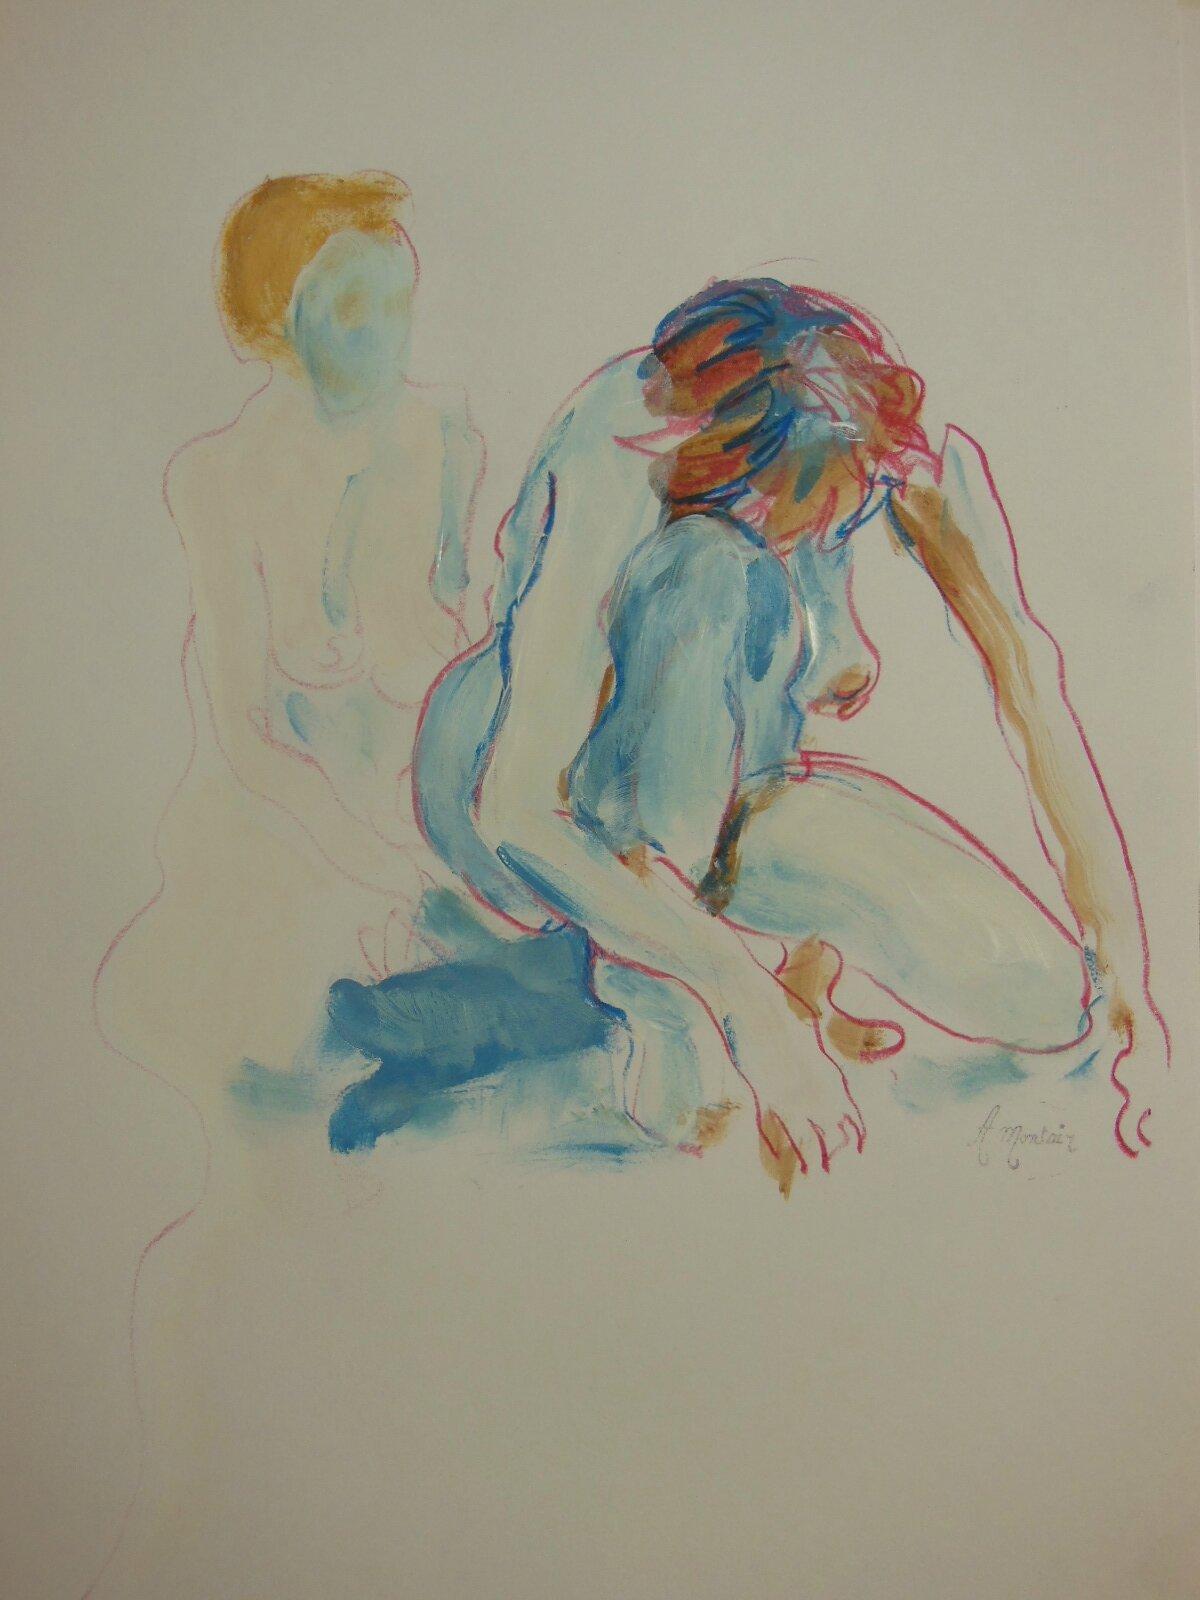 Peinture de nus feminin crayon gras et acrylique sur papier (5)